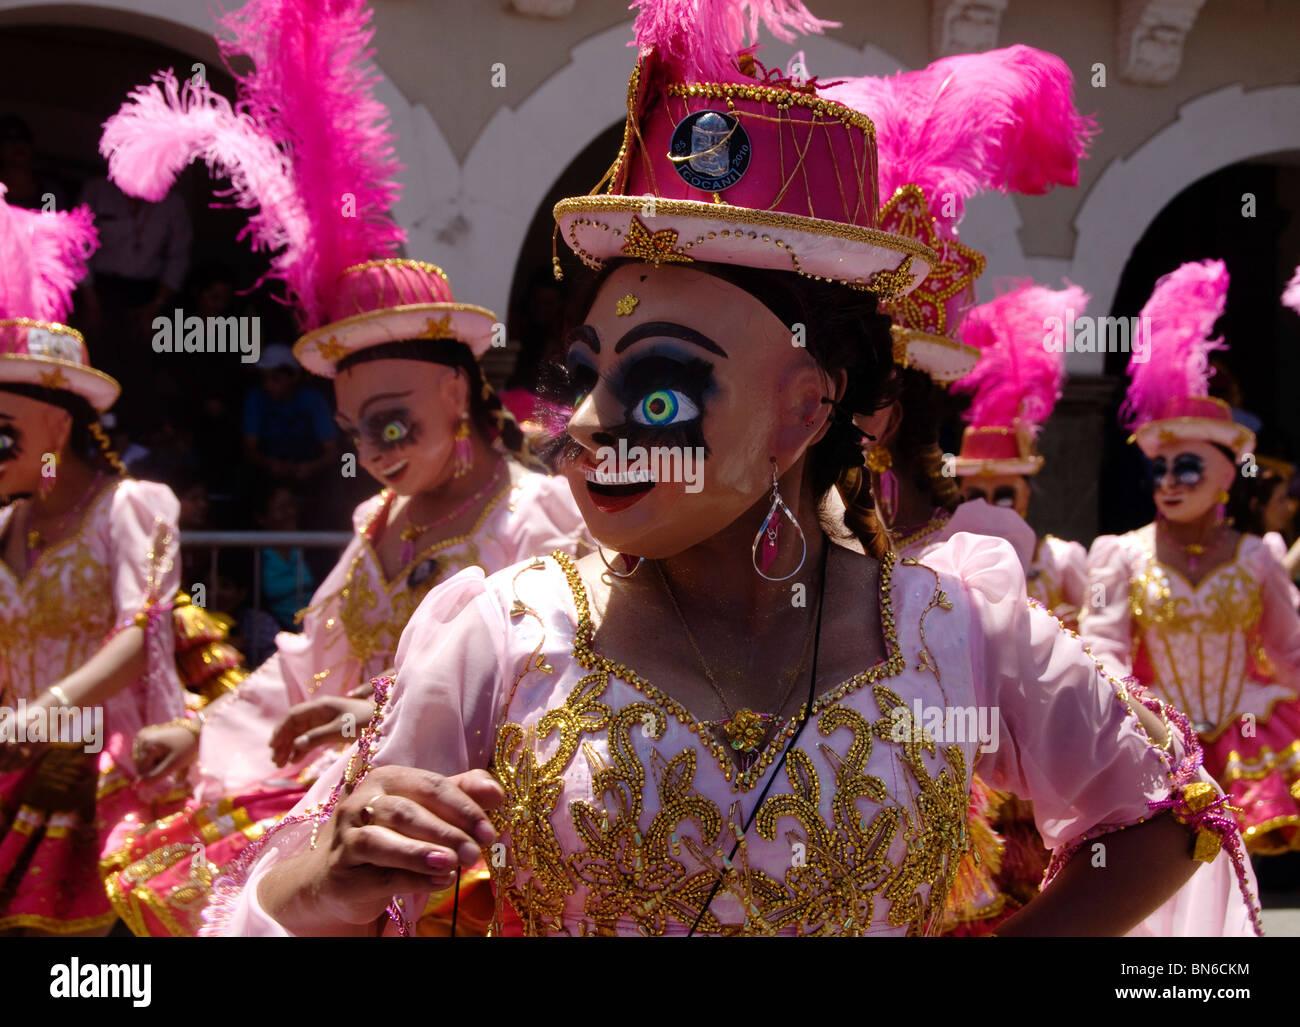 Los participantes en el carnaval de Oruro . Las mujeres con máscaras y  bowler sombreros con 3cef5cca575